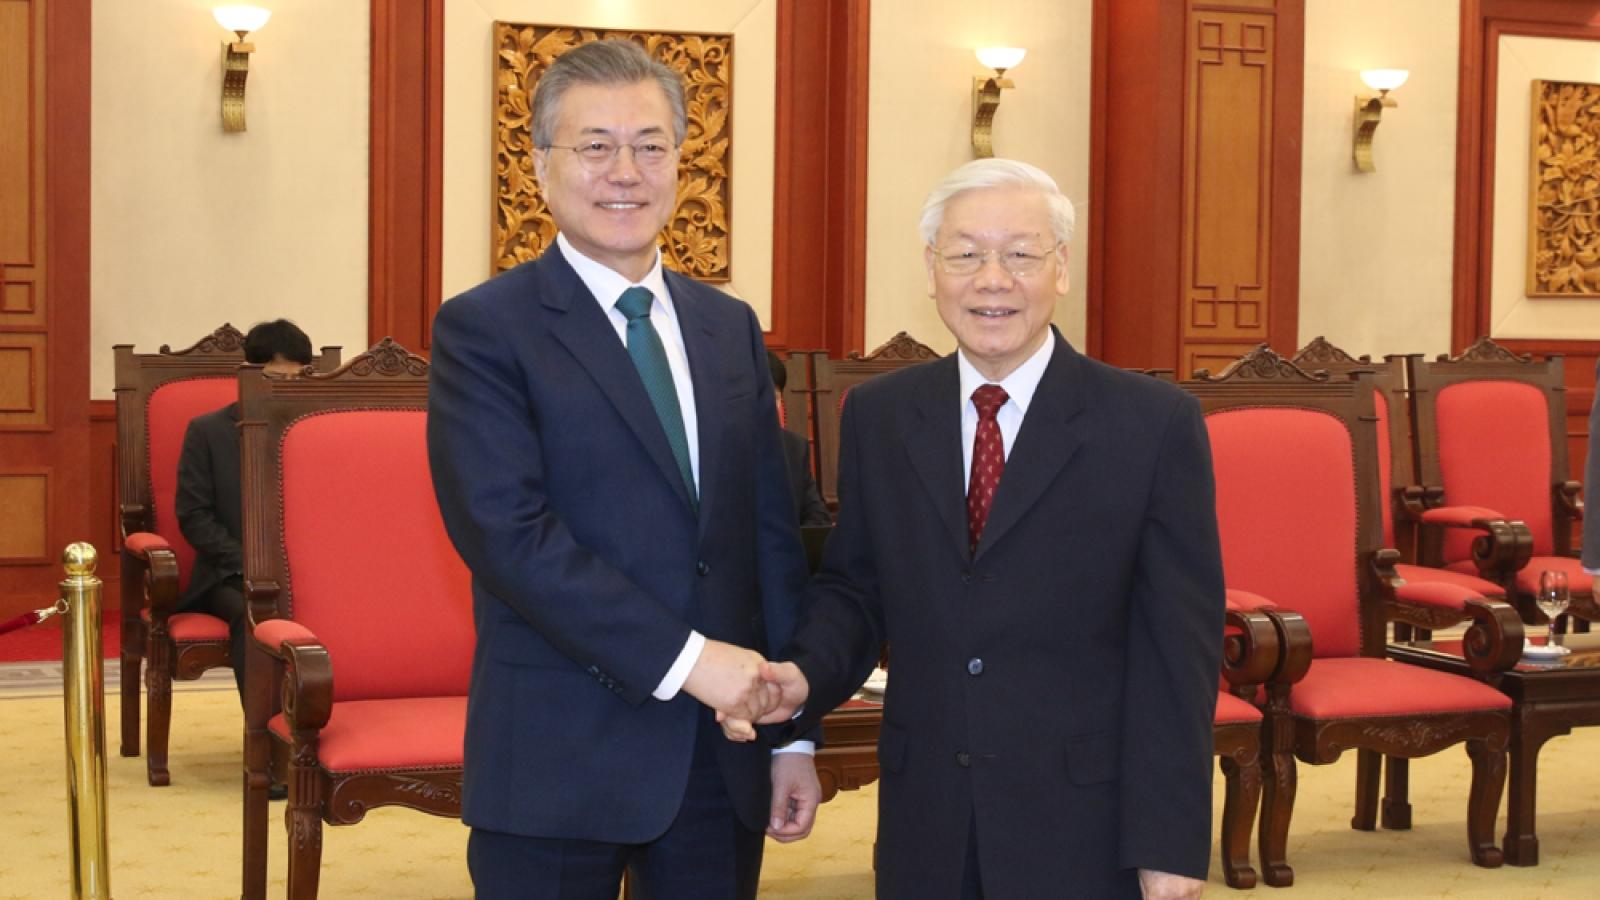 Tổng Bí thư Nguyễn Phú Trọng điện đàm với Tổng thống Hàn Quốc Moon Jae-in